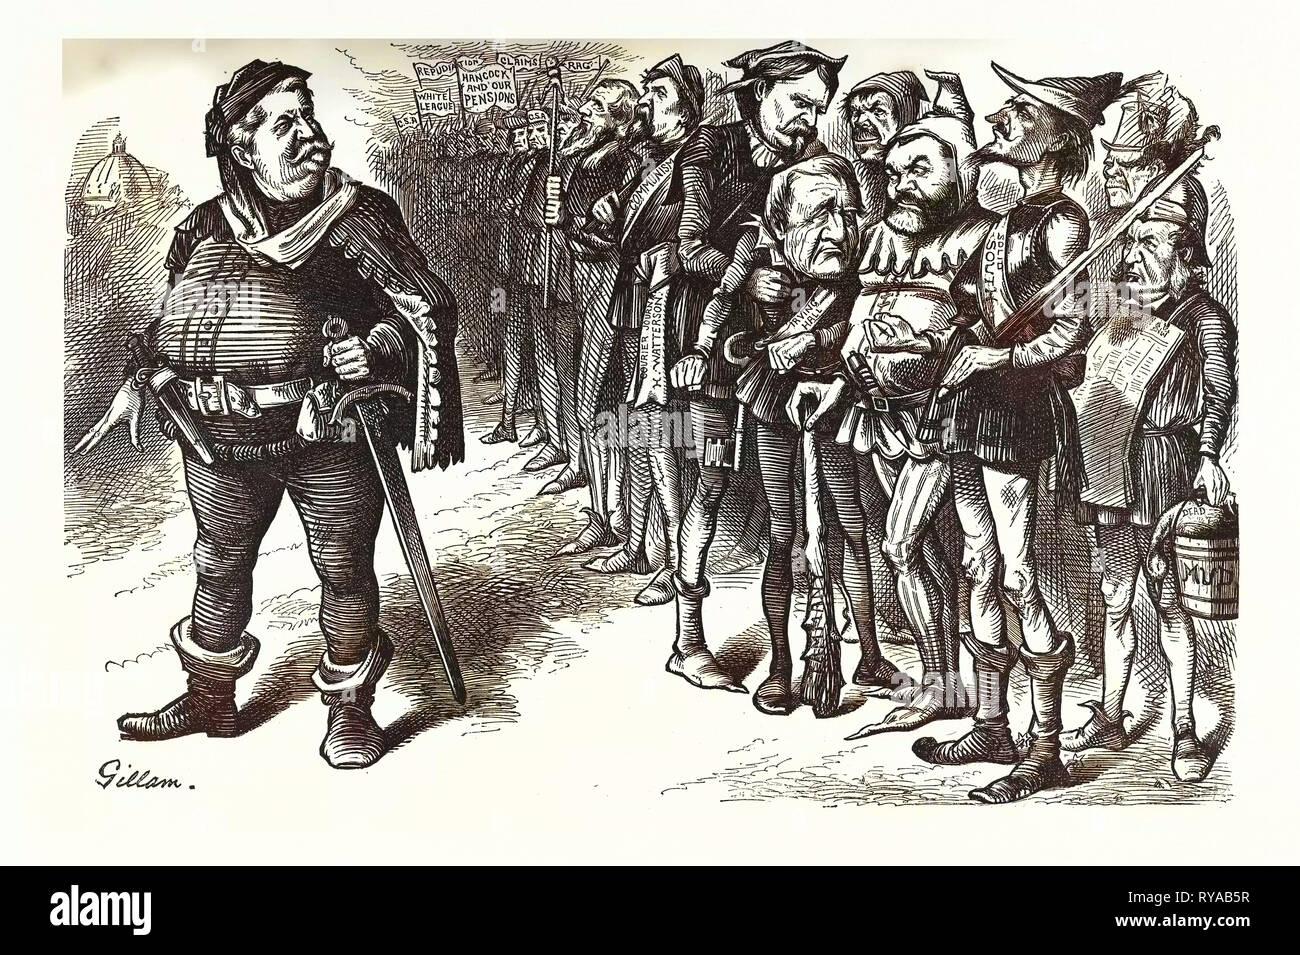 Falstaff Hancock Seine zackigen Regiment. Falstaff. Wenn ich meine Soldaten nicht schämen, ich bin Soused Gurnet. Kein Auge hat gesehen wie Vogelscheuchen! Gravur 1880, US, USA Stockbild